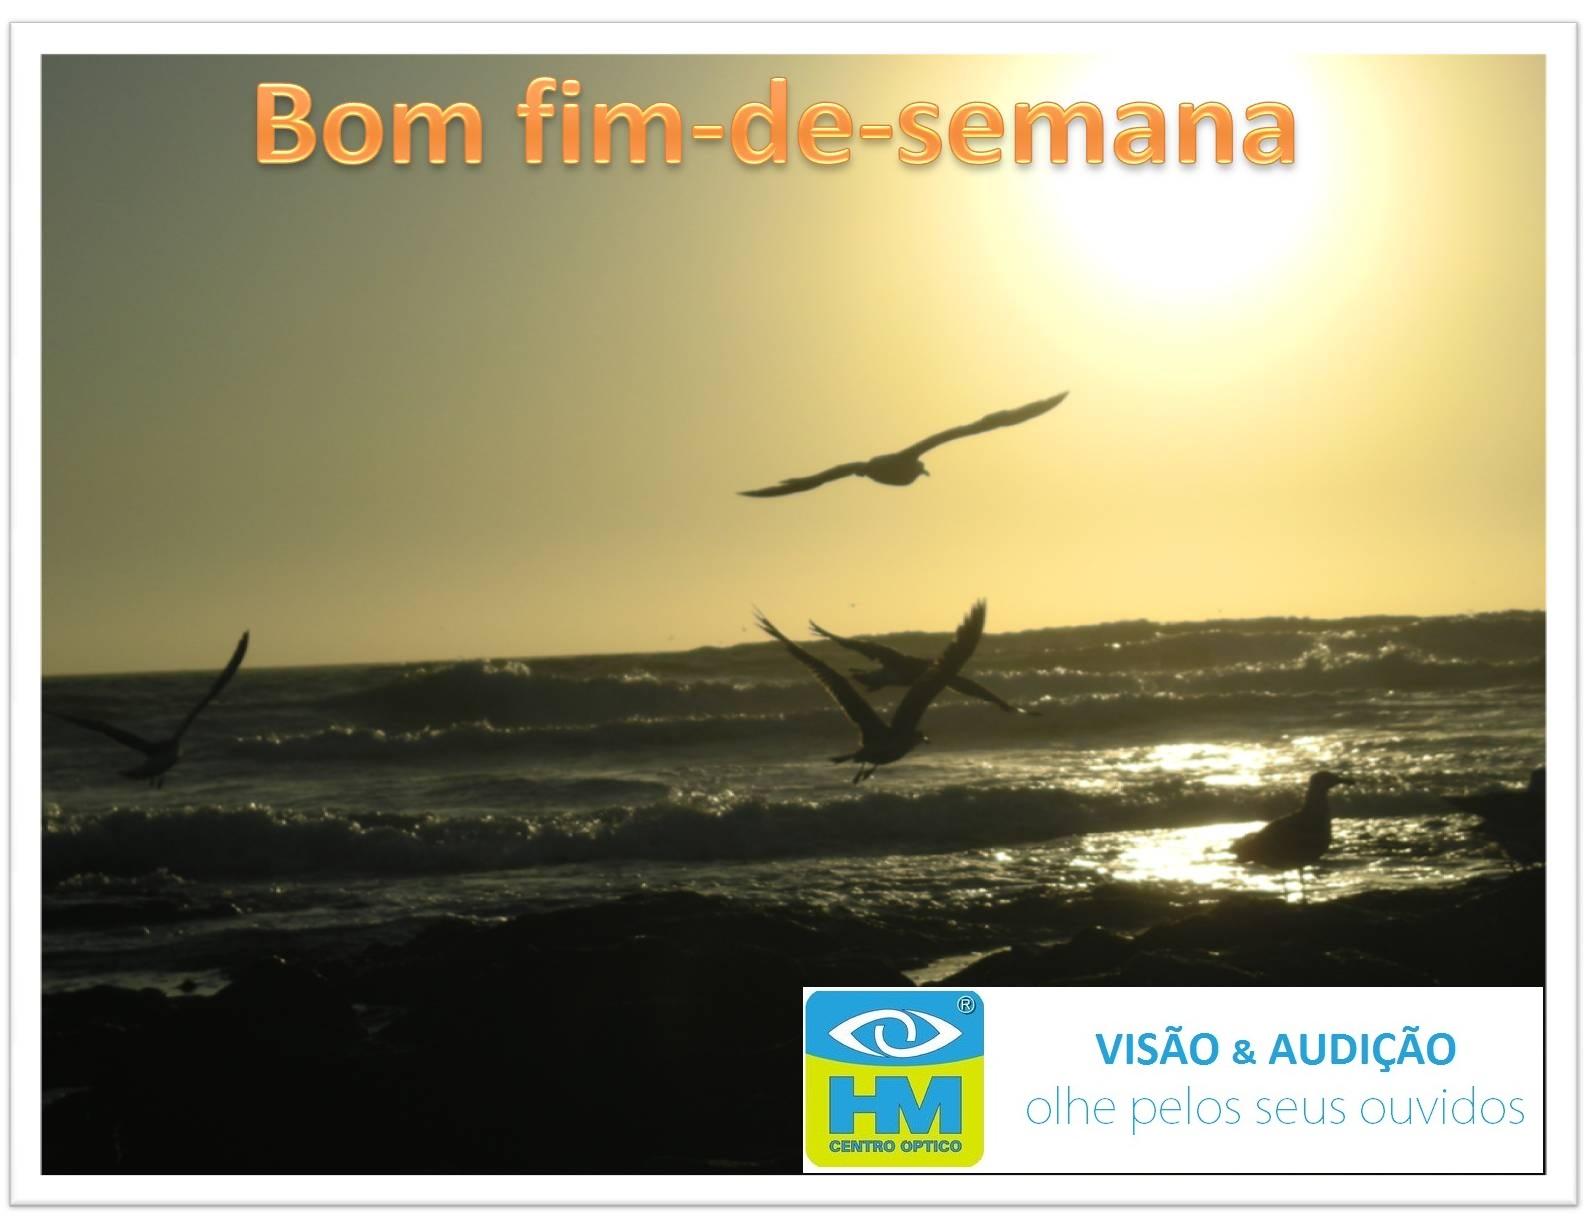 HM CENTRO ÓPTICO: BOM FIM DE SEMANA